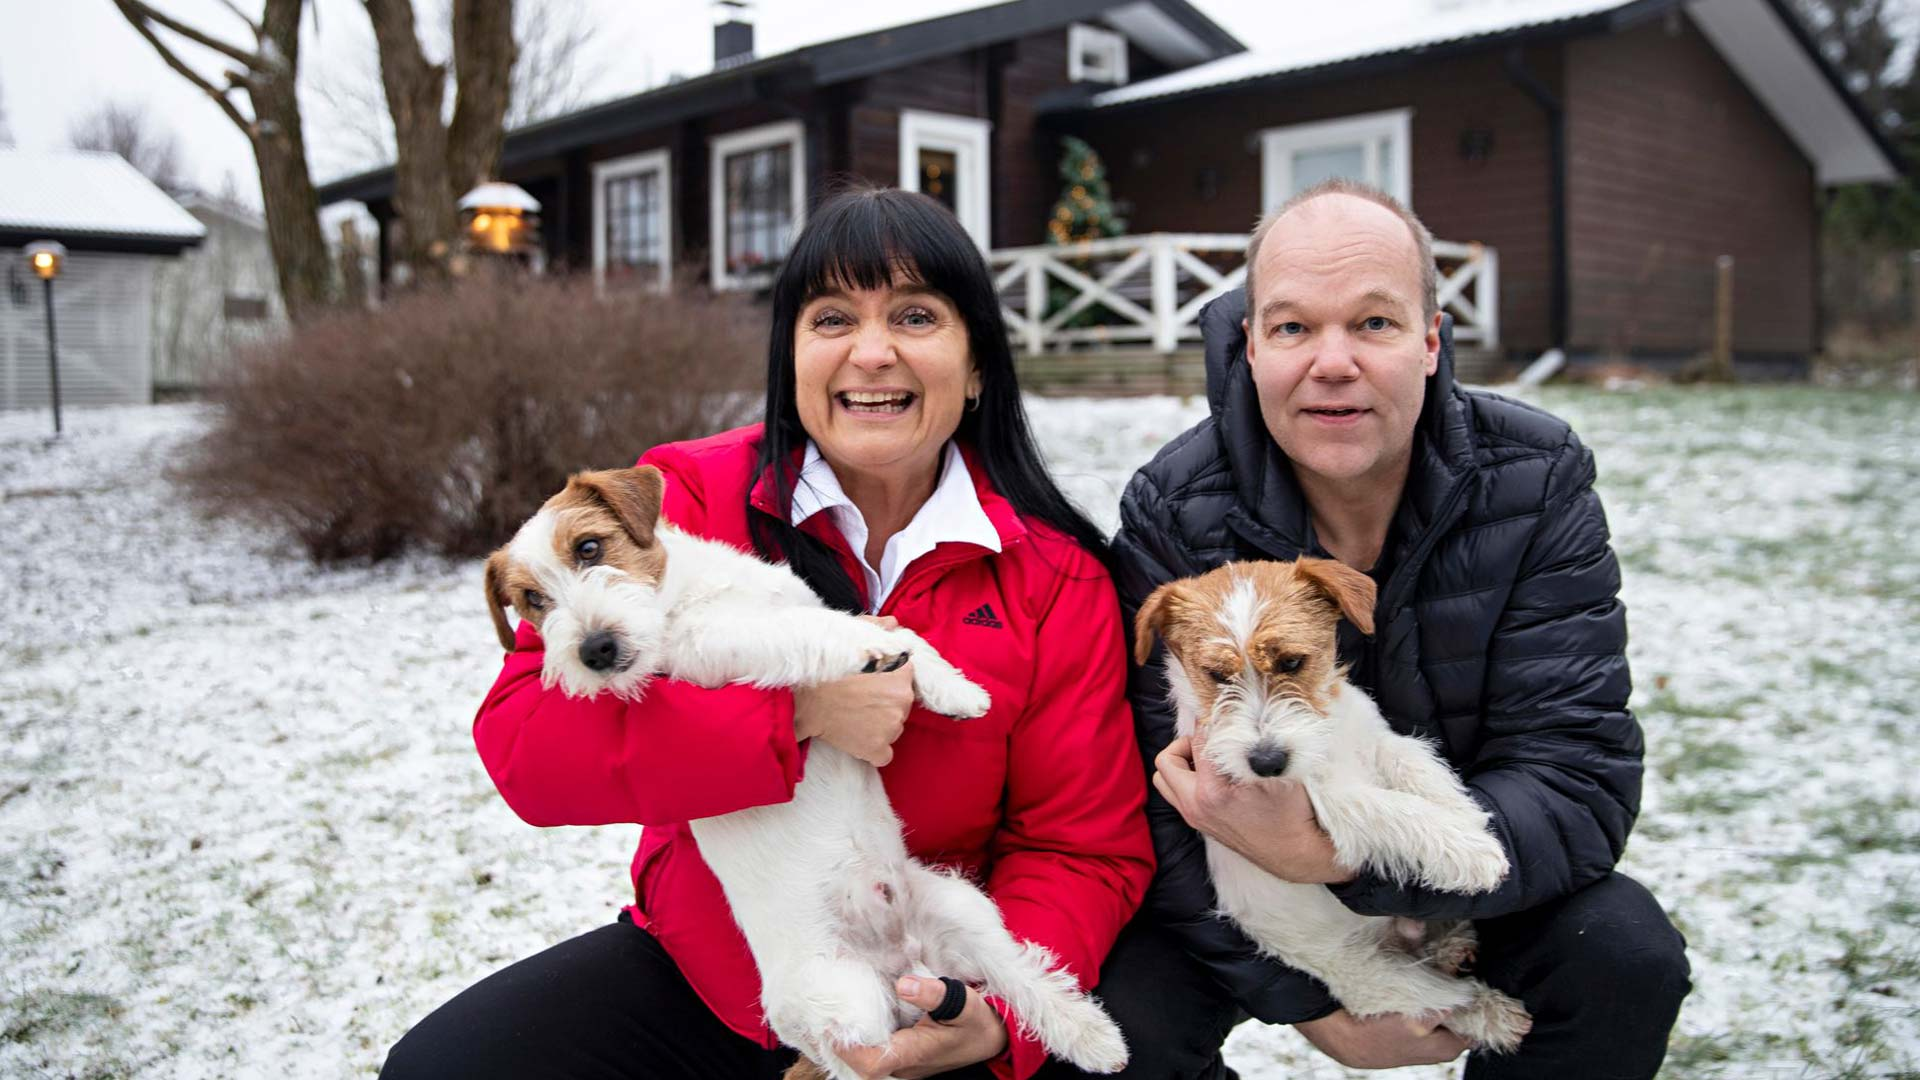 """Reijo on aina pitänyt koirista, vaikka hänellä ei ole omaa ollutkaan. """"Koirat tykkäävät nyt enemmän Reijosta kuin minusta. Muistuttelen niille aina, että minäkin olen täällä"""", Kia kertoo."""